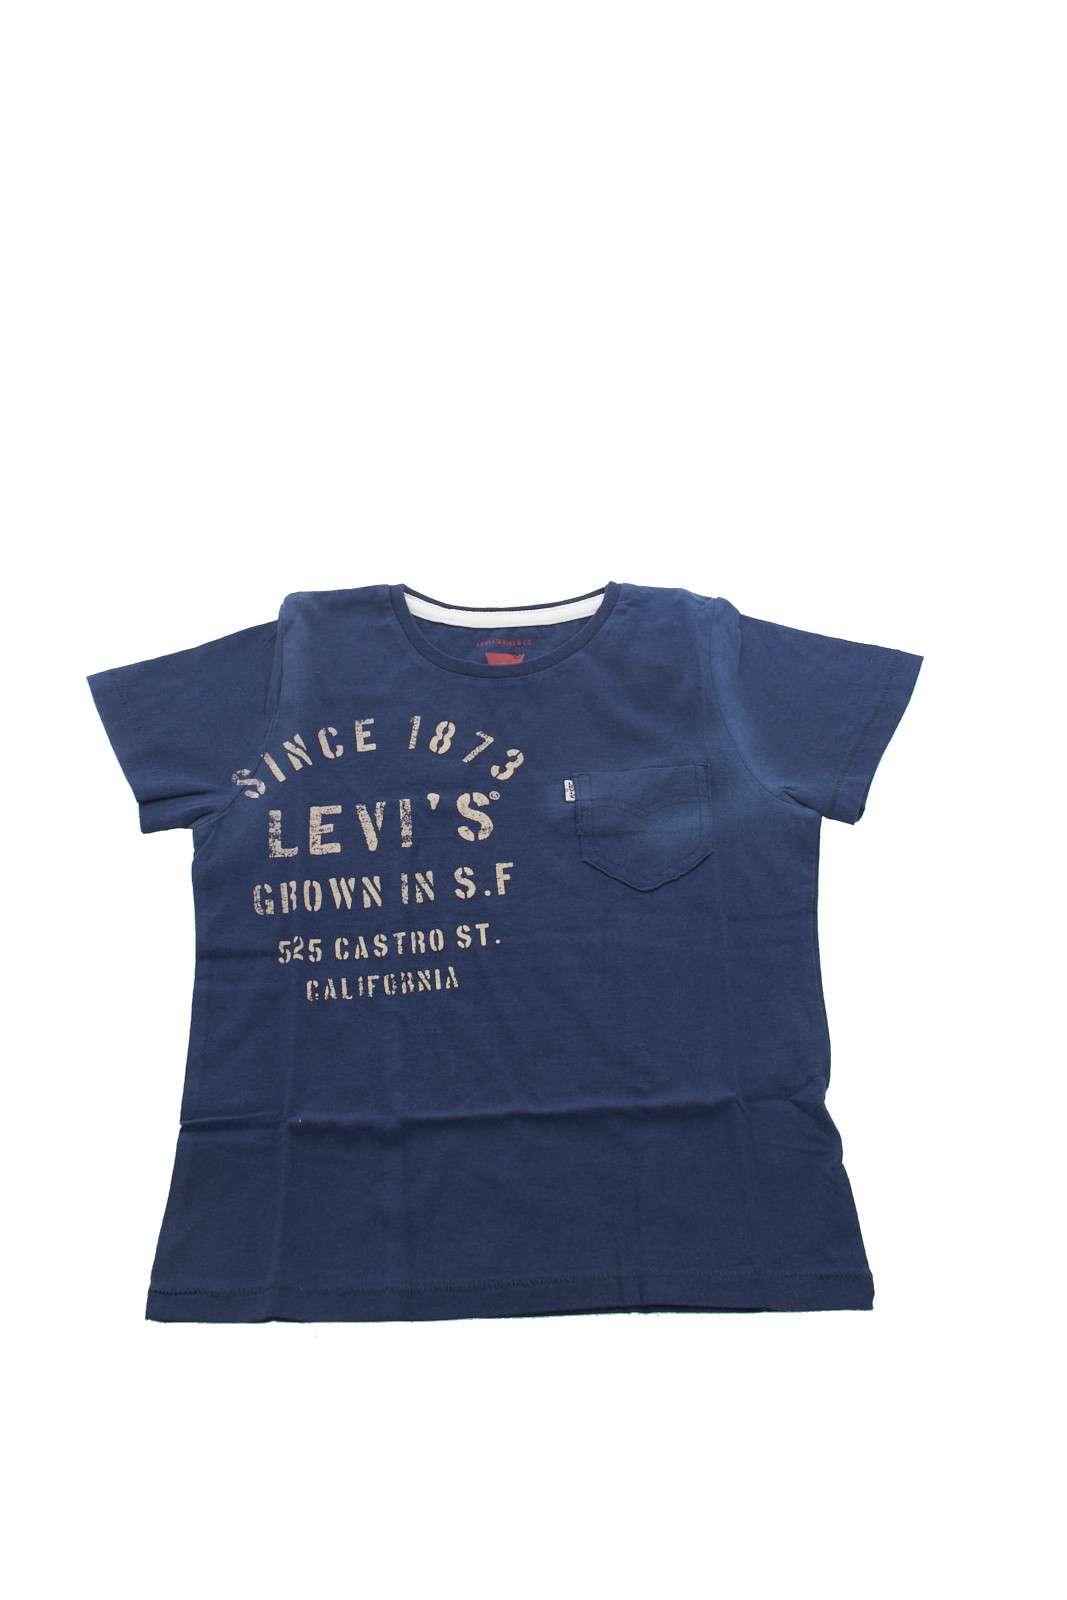 Una t-shirt iconica per il tuo bambino, fresca e comoda da indossare nelle calde giornate estive. L'effetto slavato regala un tocco vintage, accontentando proprio tutti i gusti dei più piccoli. Un capo ormai imprescindibile nell' outfit kids.